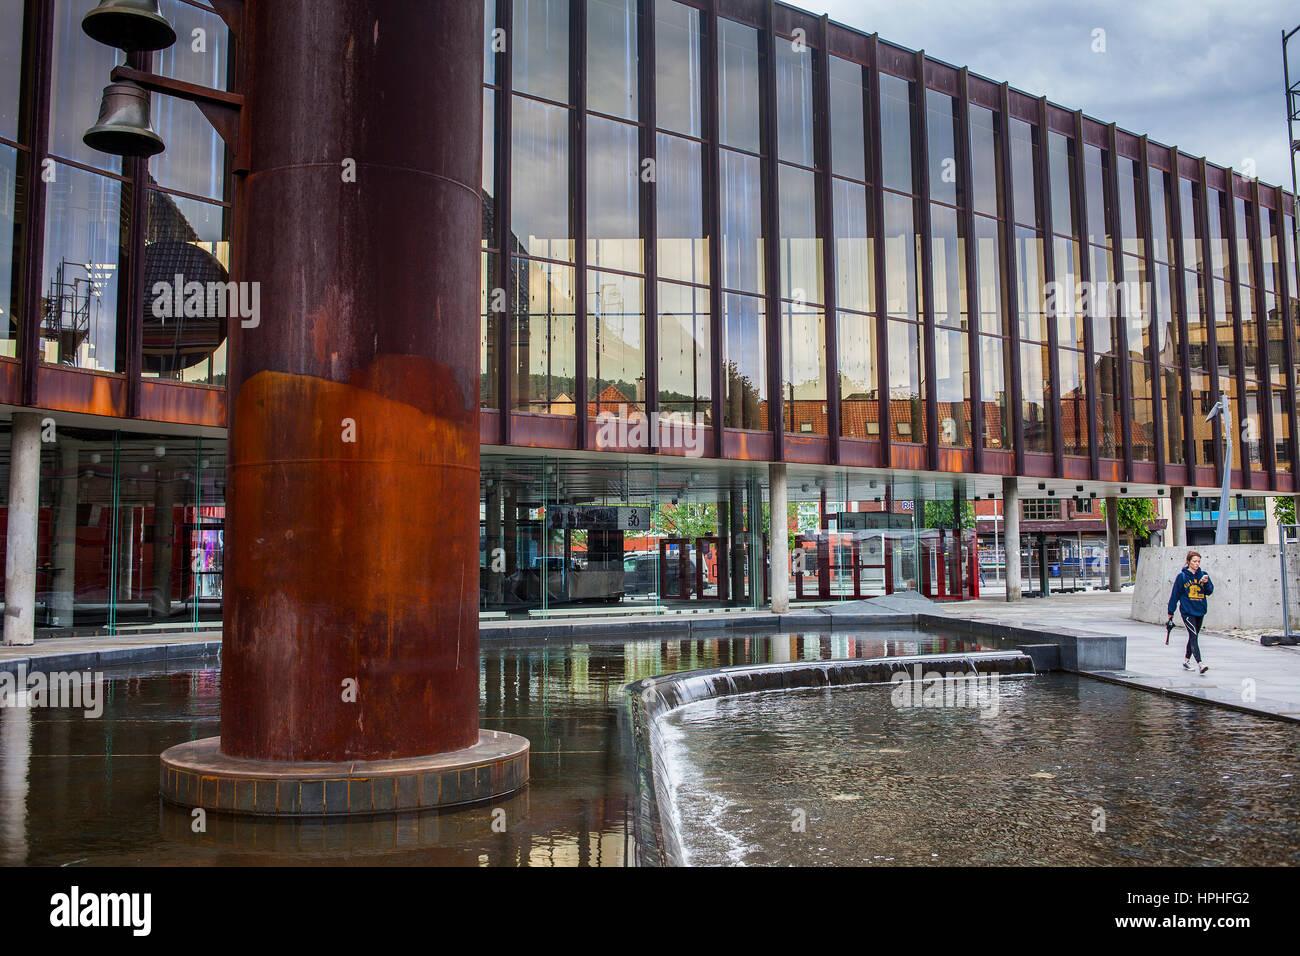 Grieghallen, Bergen, Norway - Stock Image